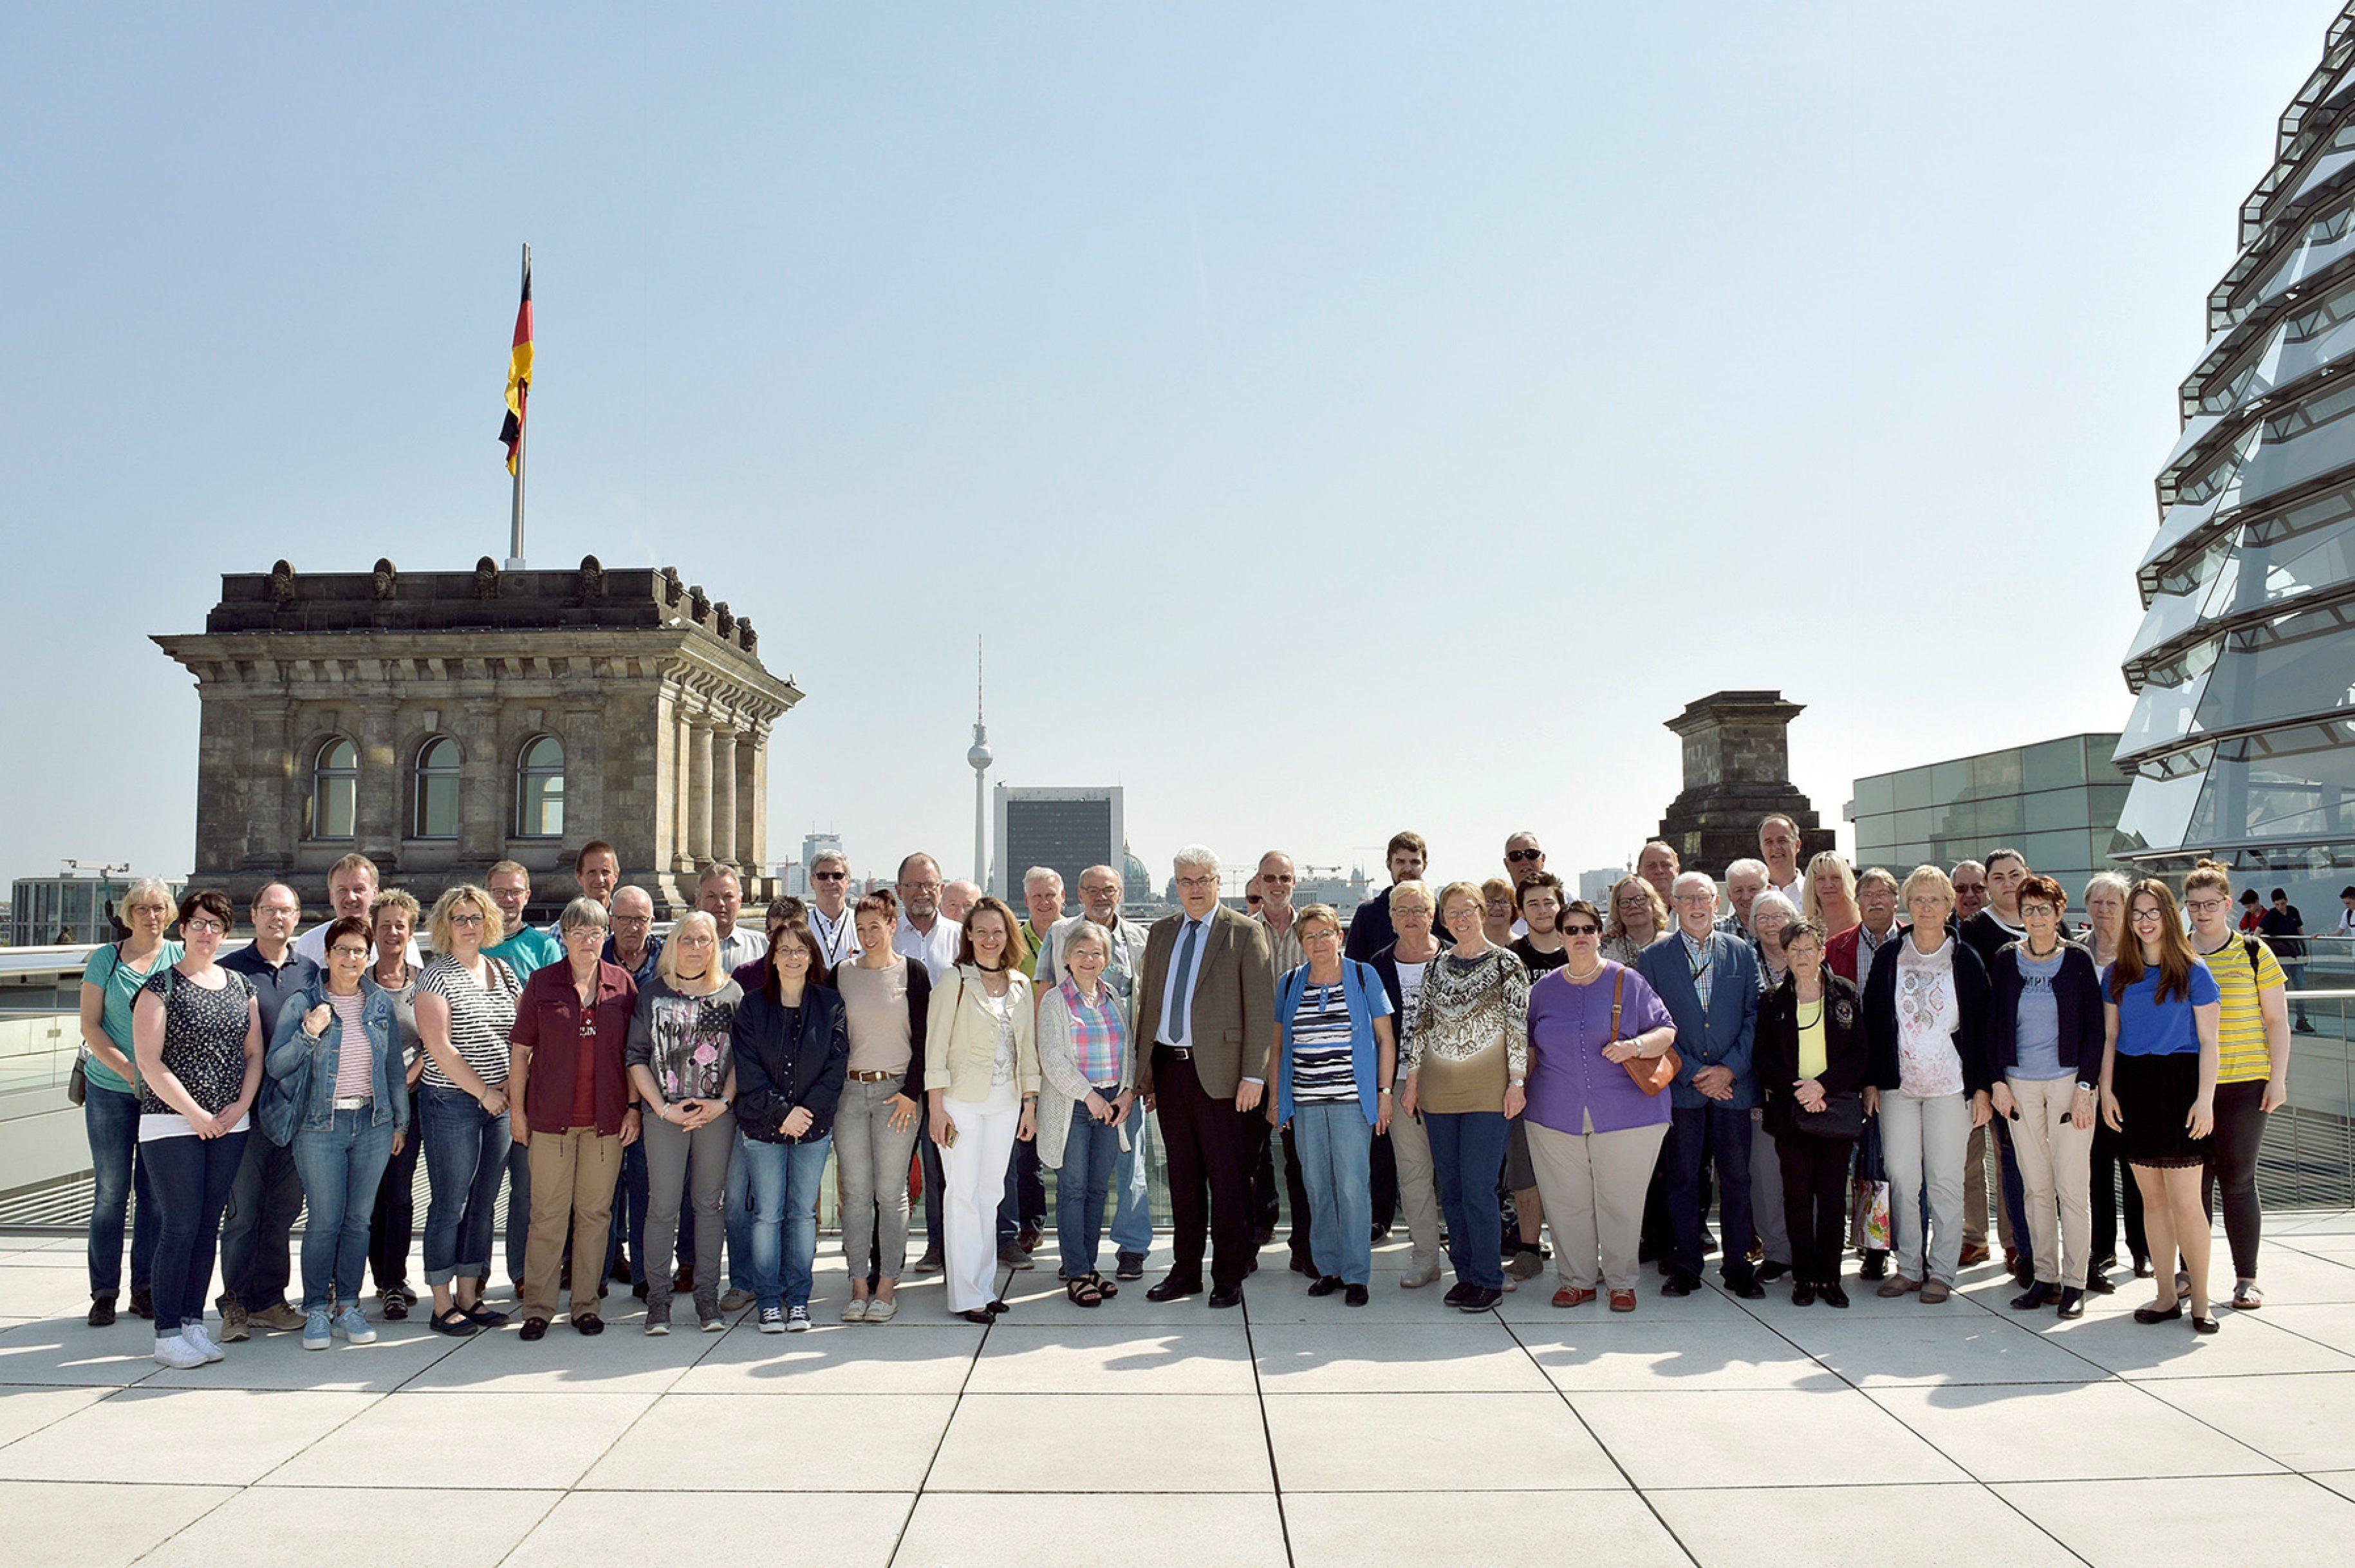 Bürger aus Wahlkreis erkunden das politische Berlin